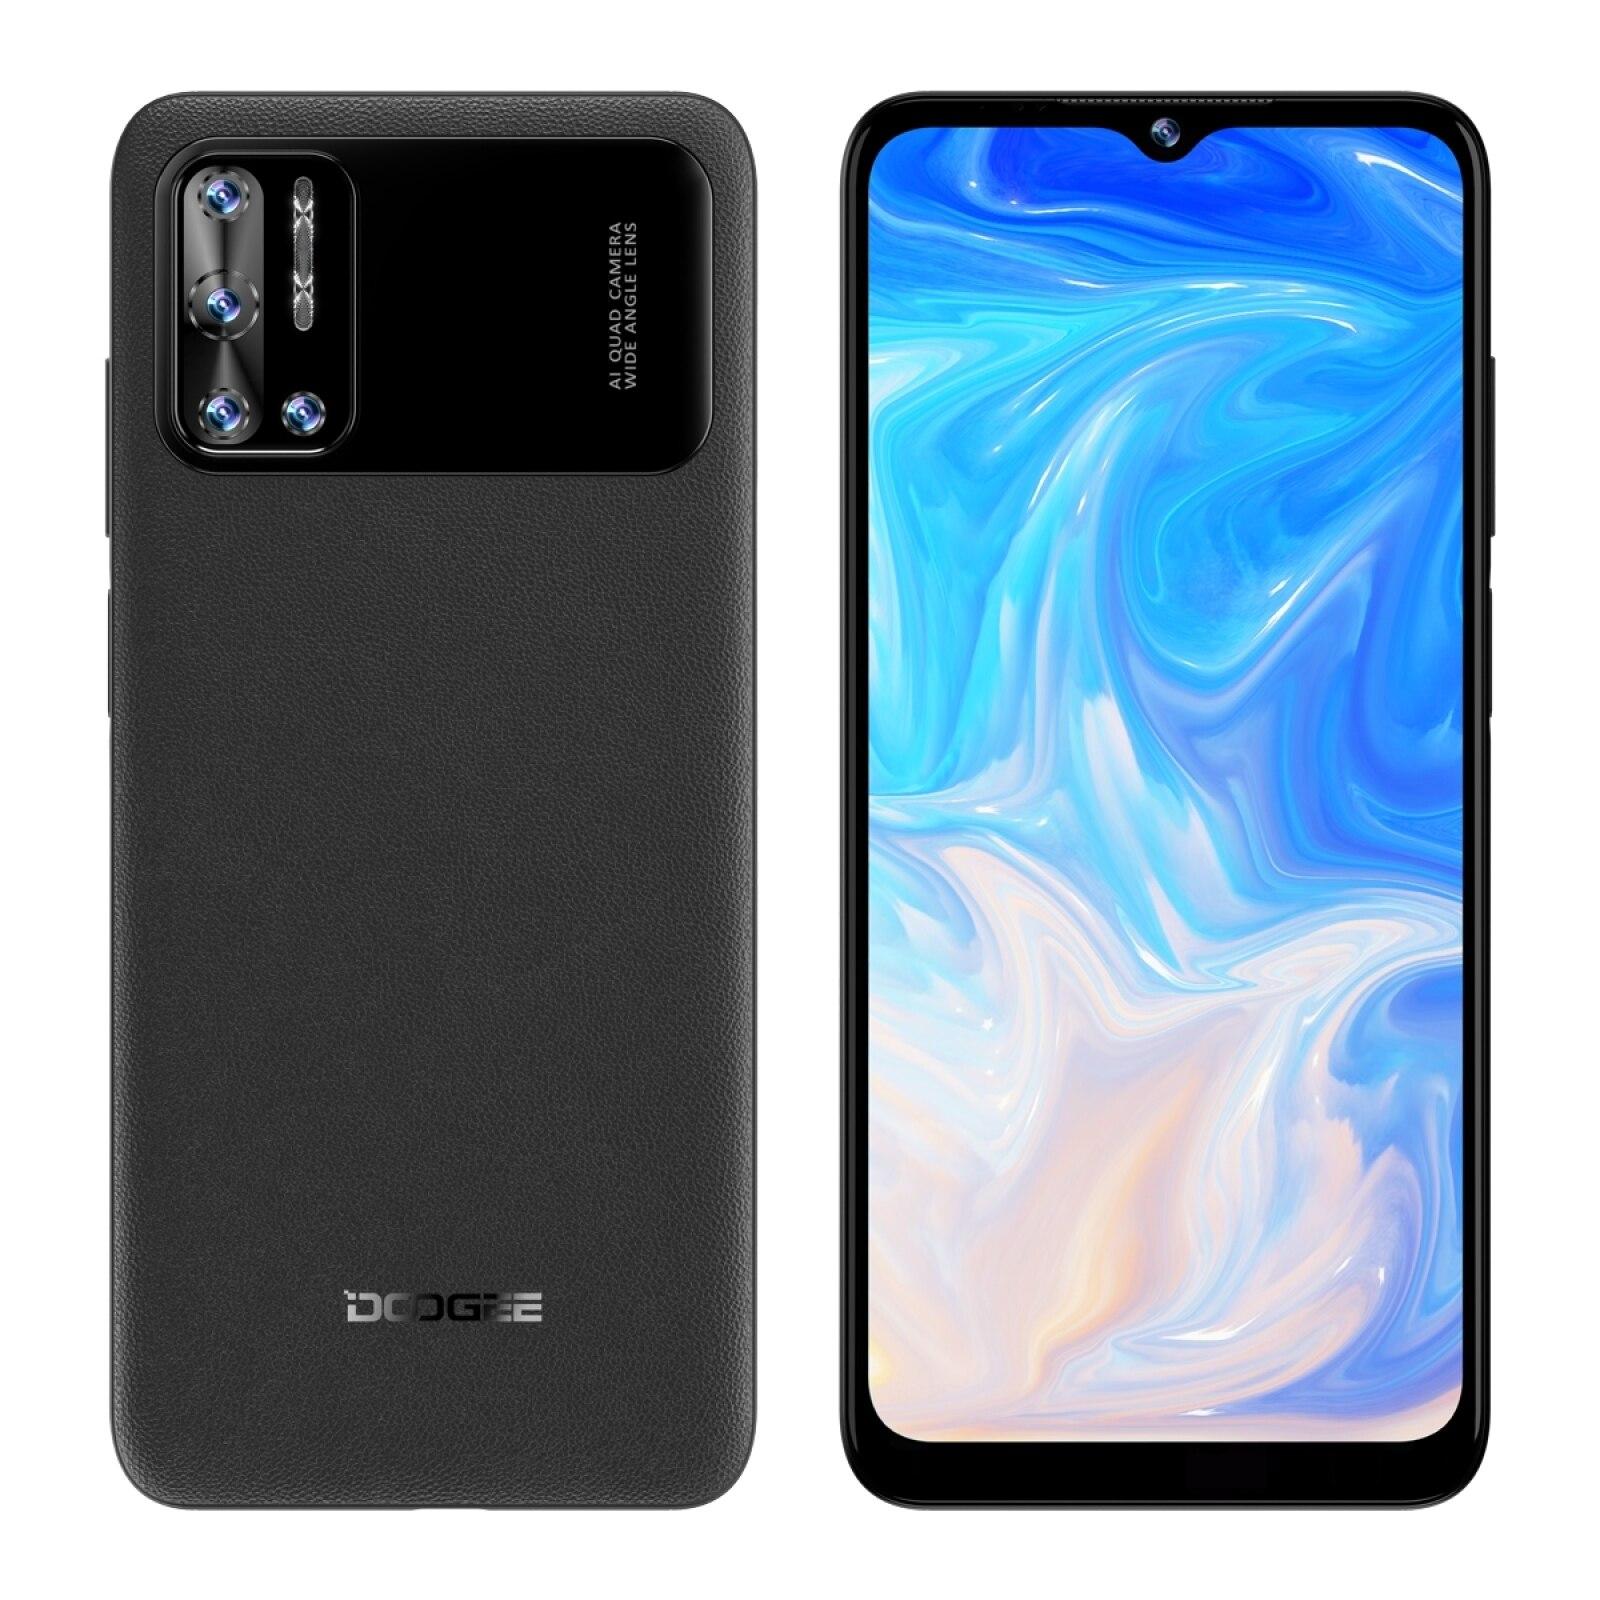 Перейти на Алиэкспресс и купить DOOGEE N40 Pro смартфон с 5,5-дюймовым дисплеем, восьмиядерным процессором Helio P60, ОЗУ 6 ГБ, ПЗУ 6,52 ГБ, 20 МП, 128 мАч, 24 Вт